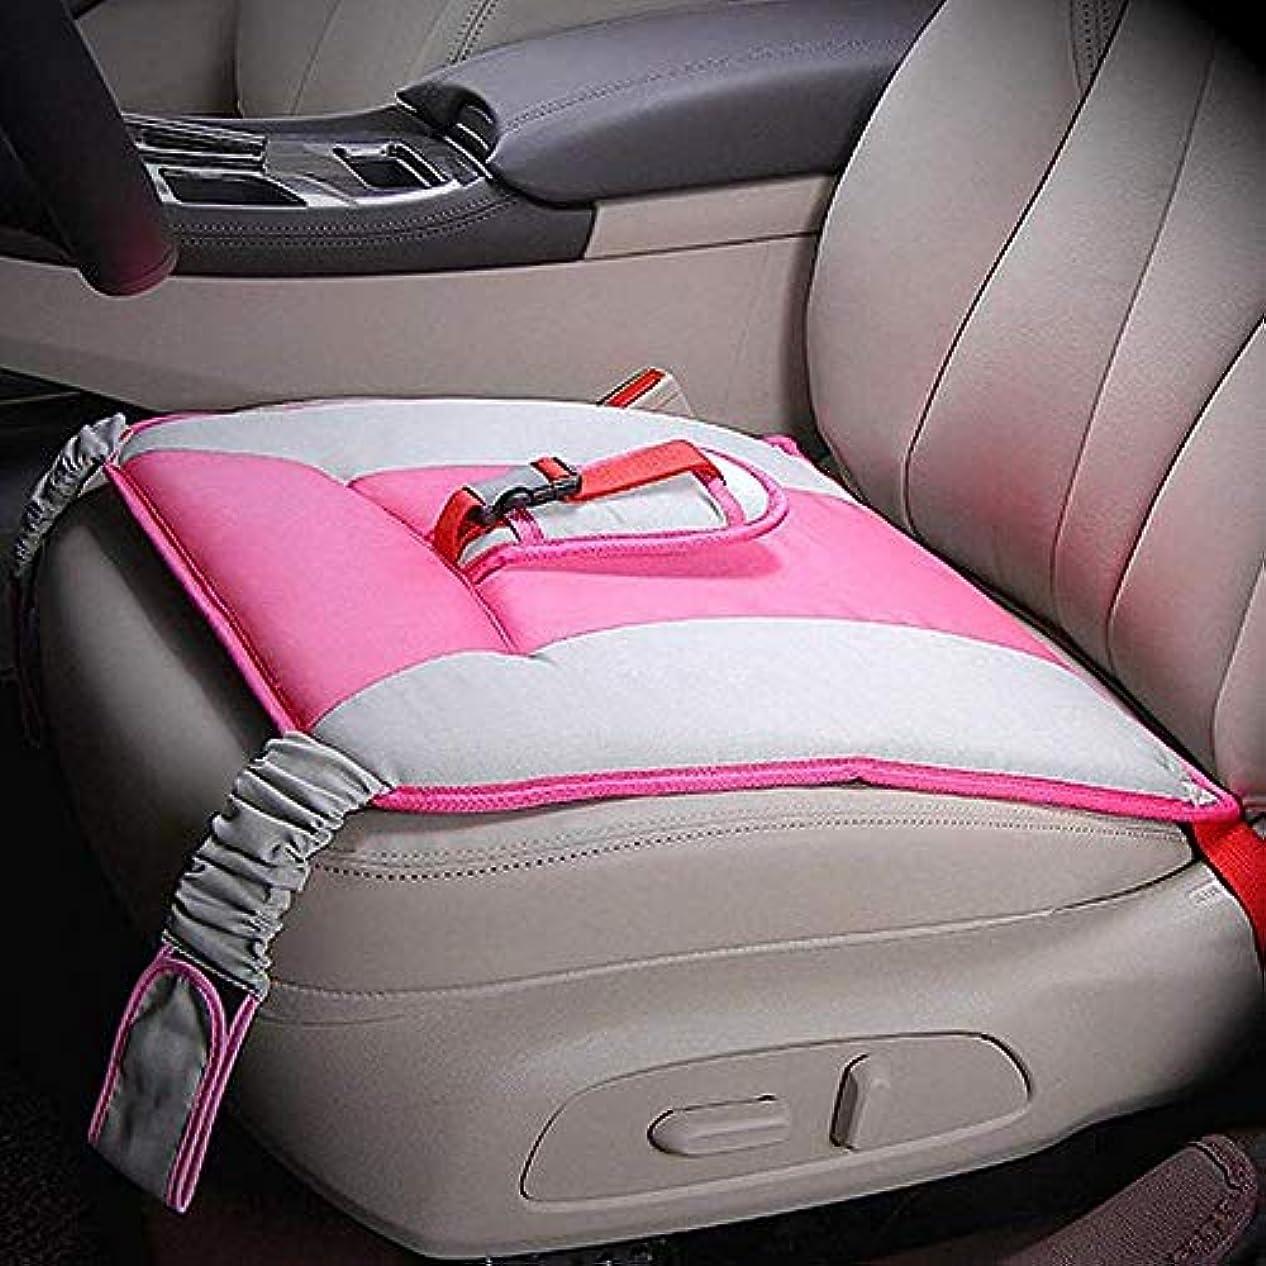 火薬天の第五LYX 妊娠中の女性のための特別な車のシートベルト、胎児通気性と調整可能な妊婦安全運転車のシートベルトのソフトクッションパッド保護ストラップを守ります (Color : ピンク)